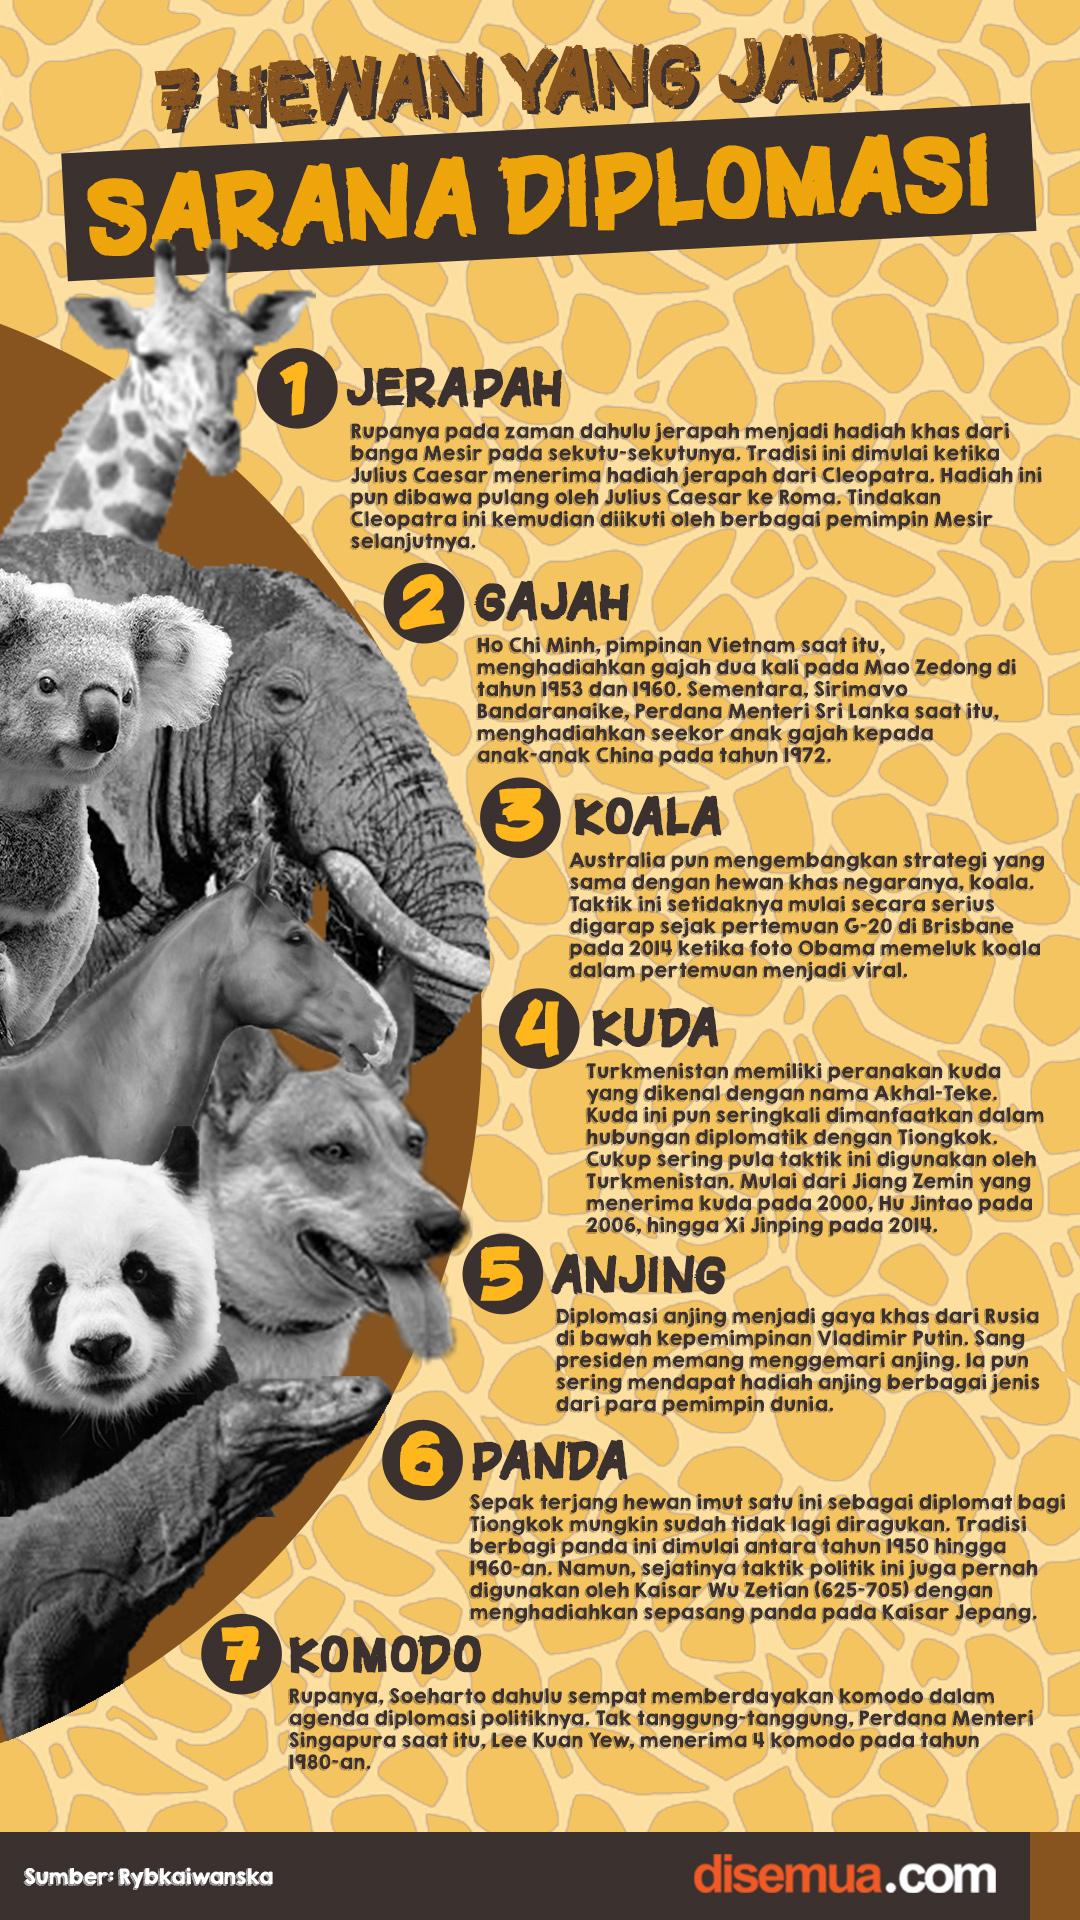 7 Hewan yang Jadi Sarana Diplomasi